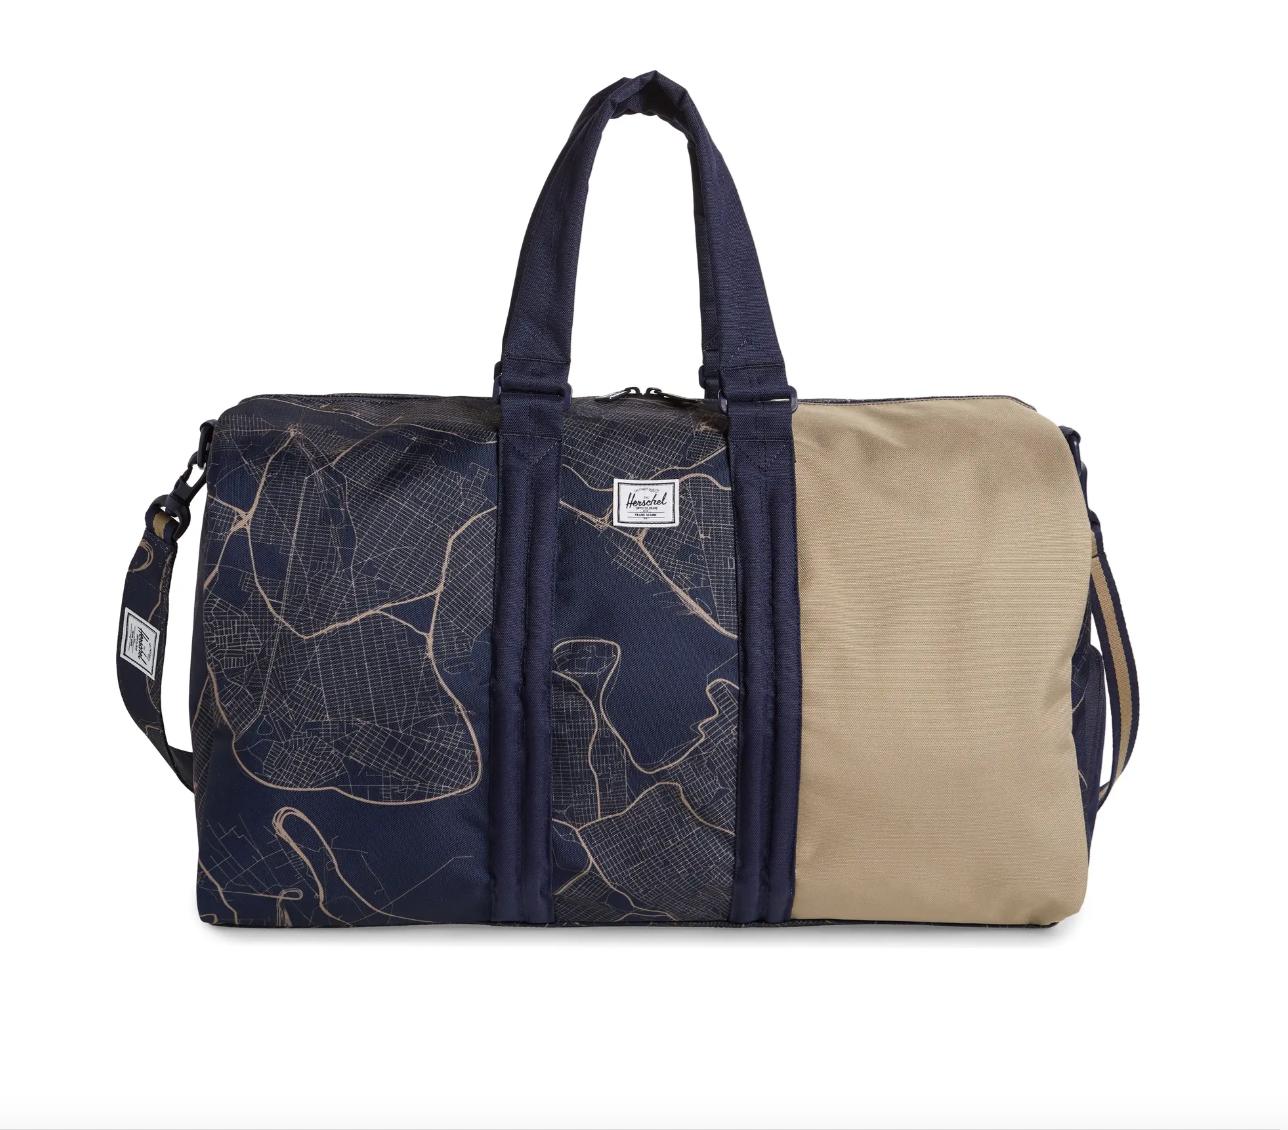 Herschel Supply Co. Tech Novel Duffle Bag